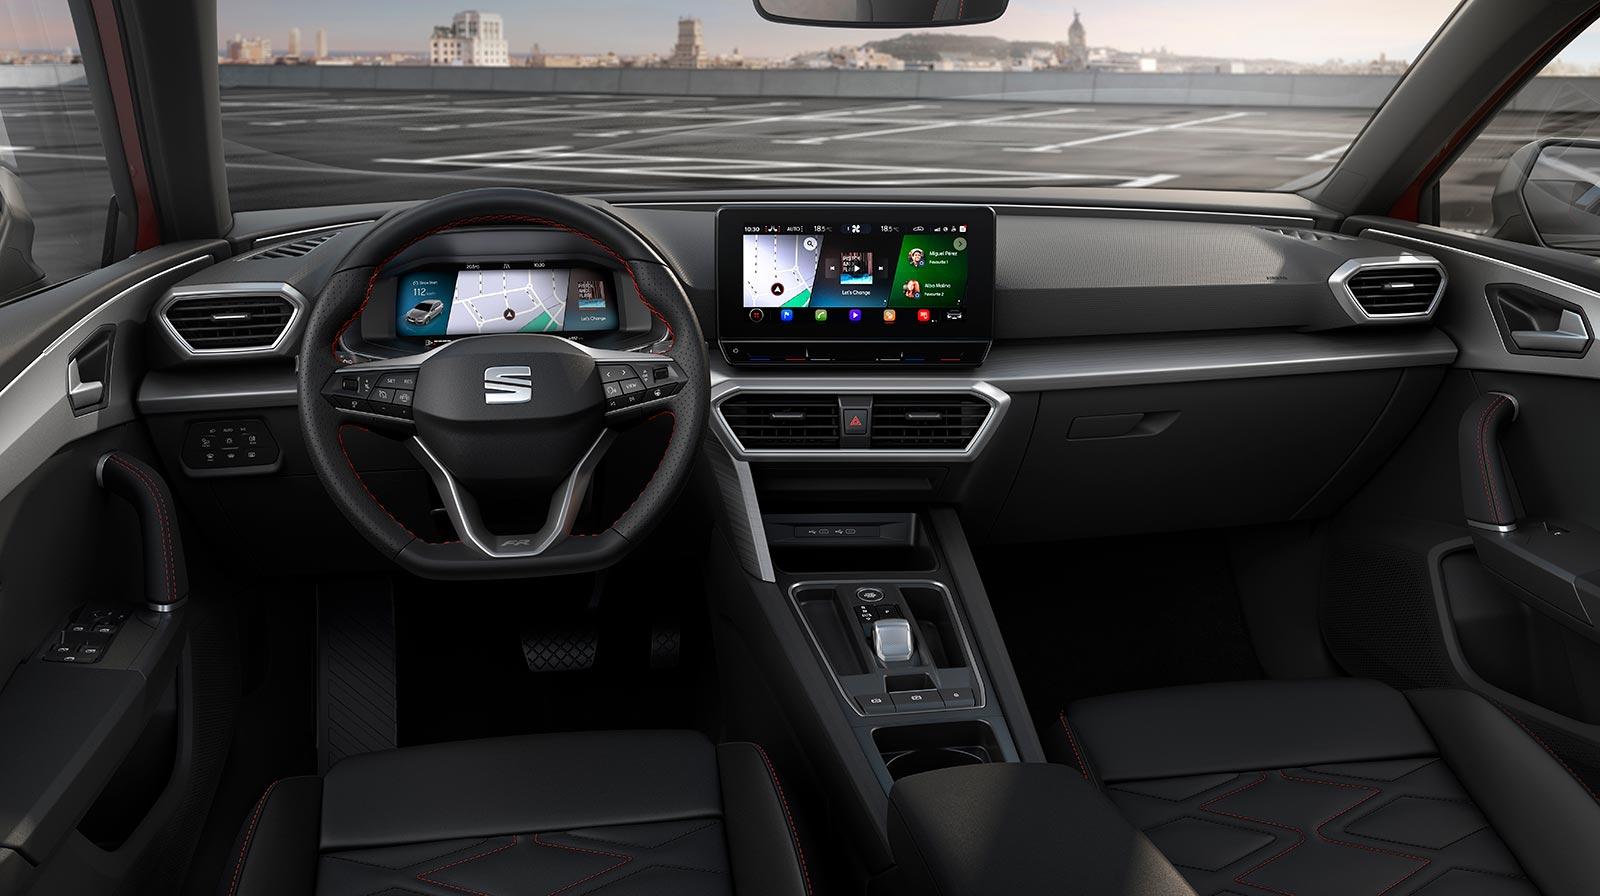 Interior Nuevo Seat León 2020